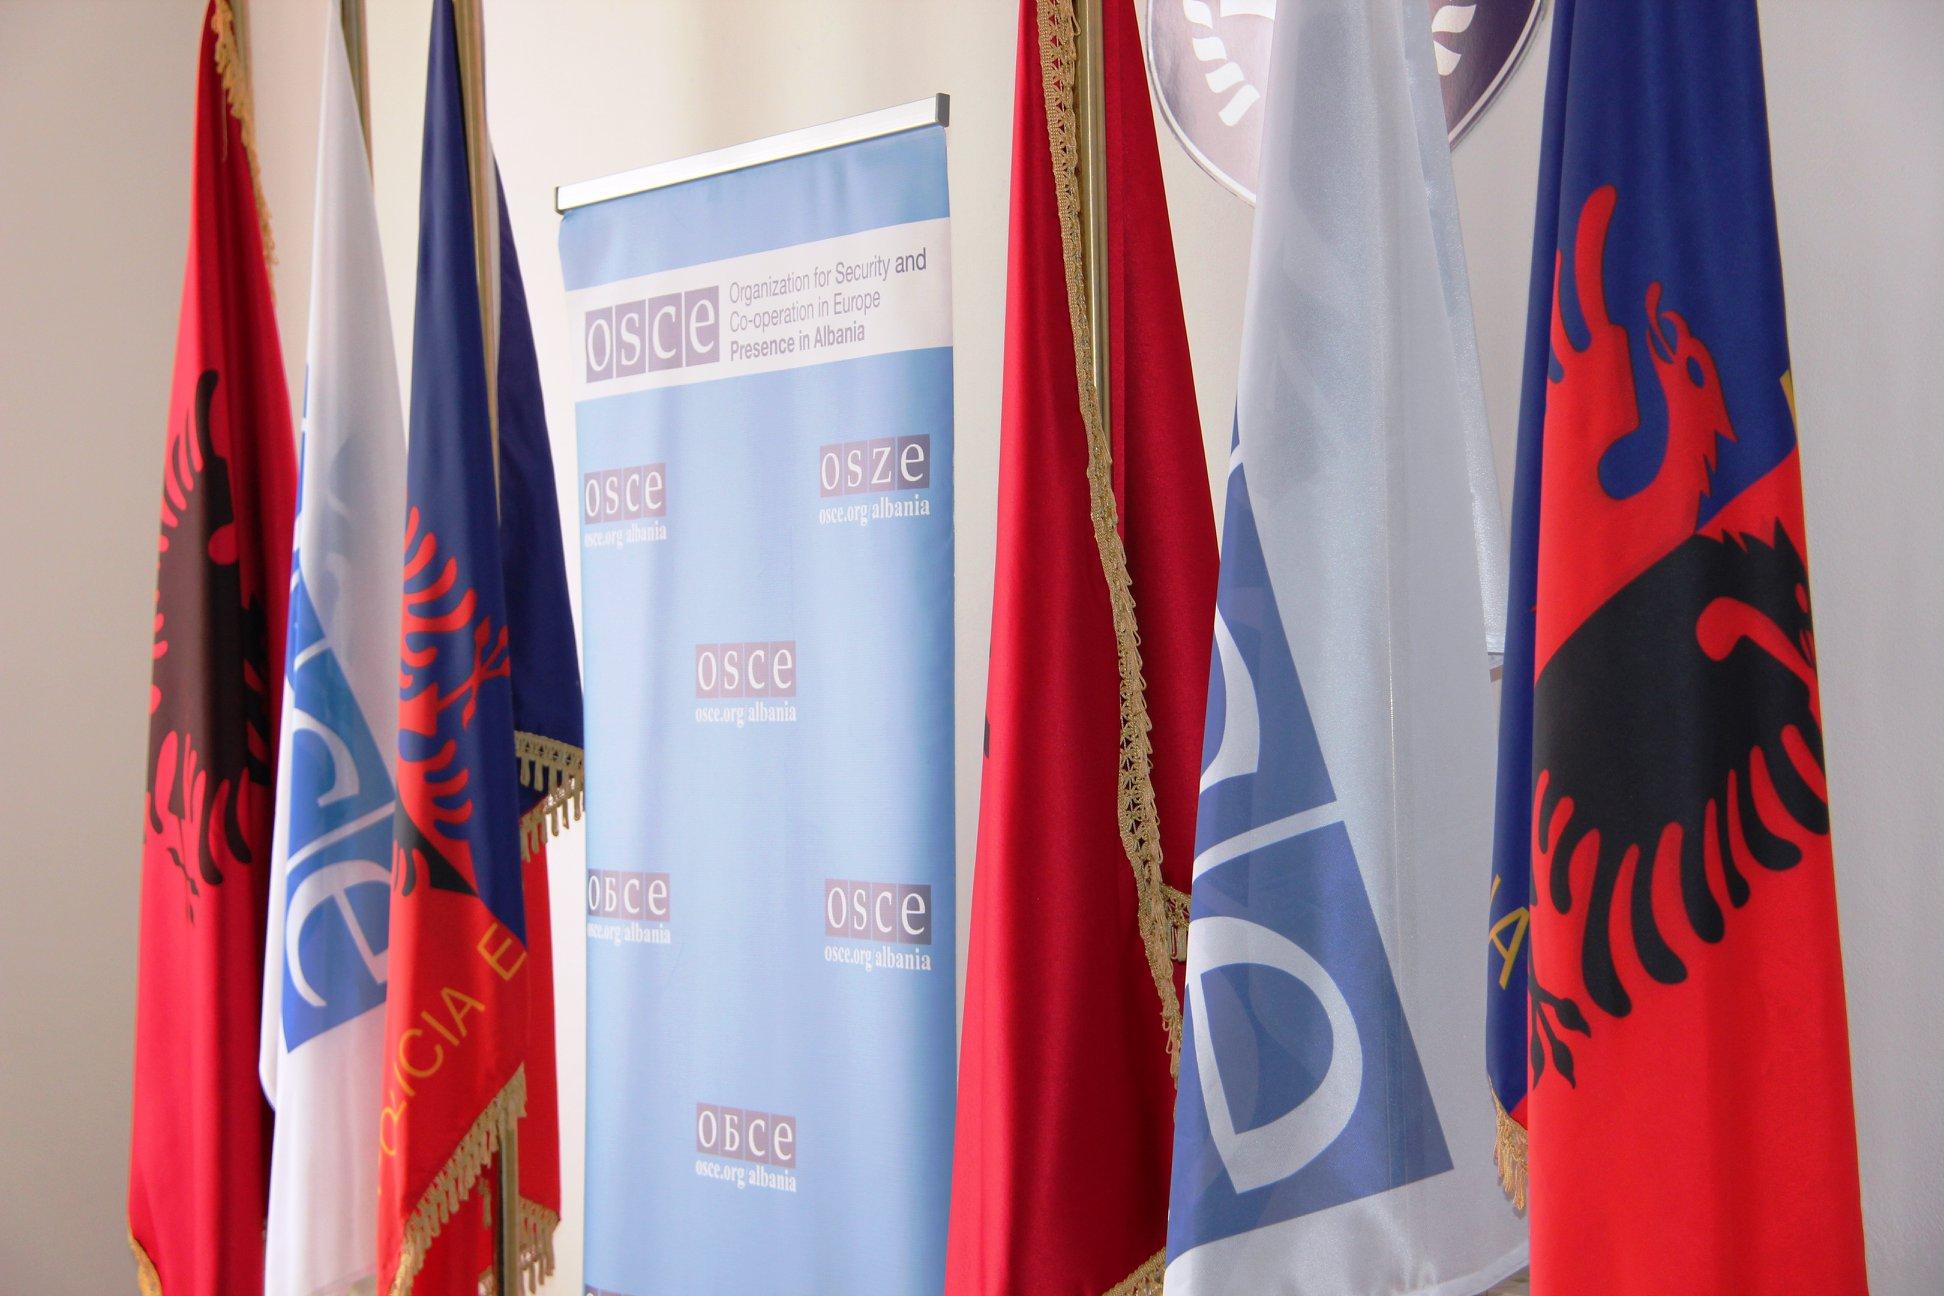 Emërimi i Altin Binaj, OSBE: Hap i rëndësishëm, gjykata duhet të jetë në mbrojtjen e shtetit të së drejtës